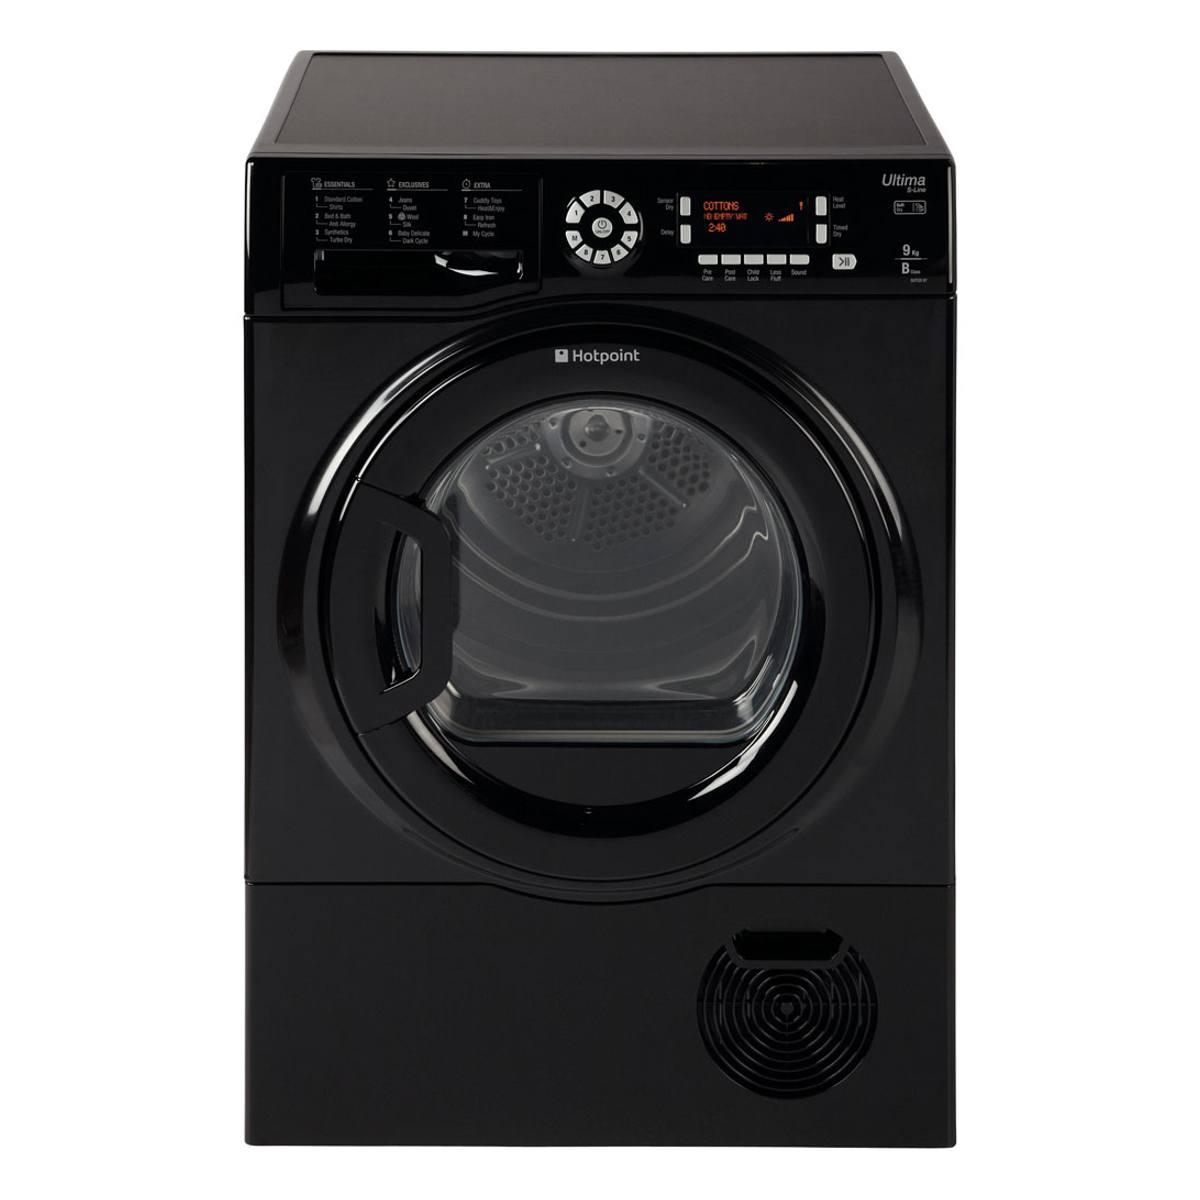 Hotpoint Ultima S Line Sutcd97b6km Condenser Dryer Hughes